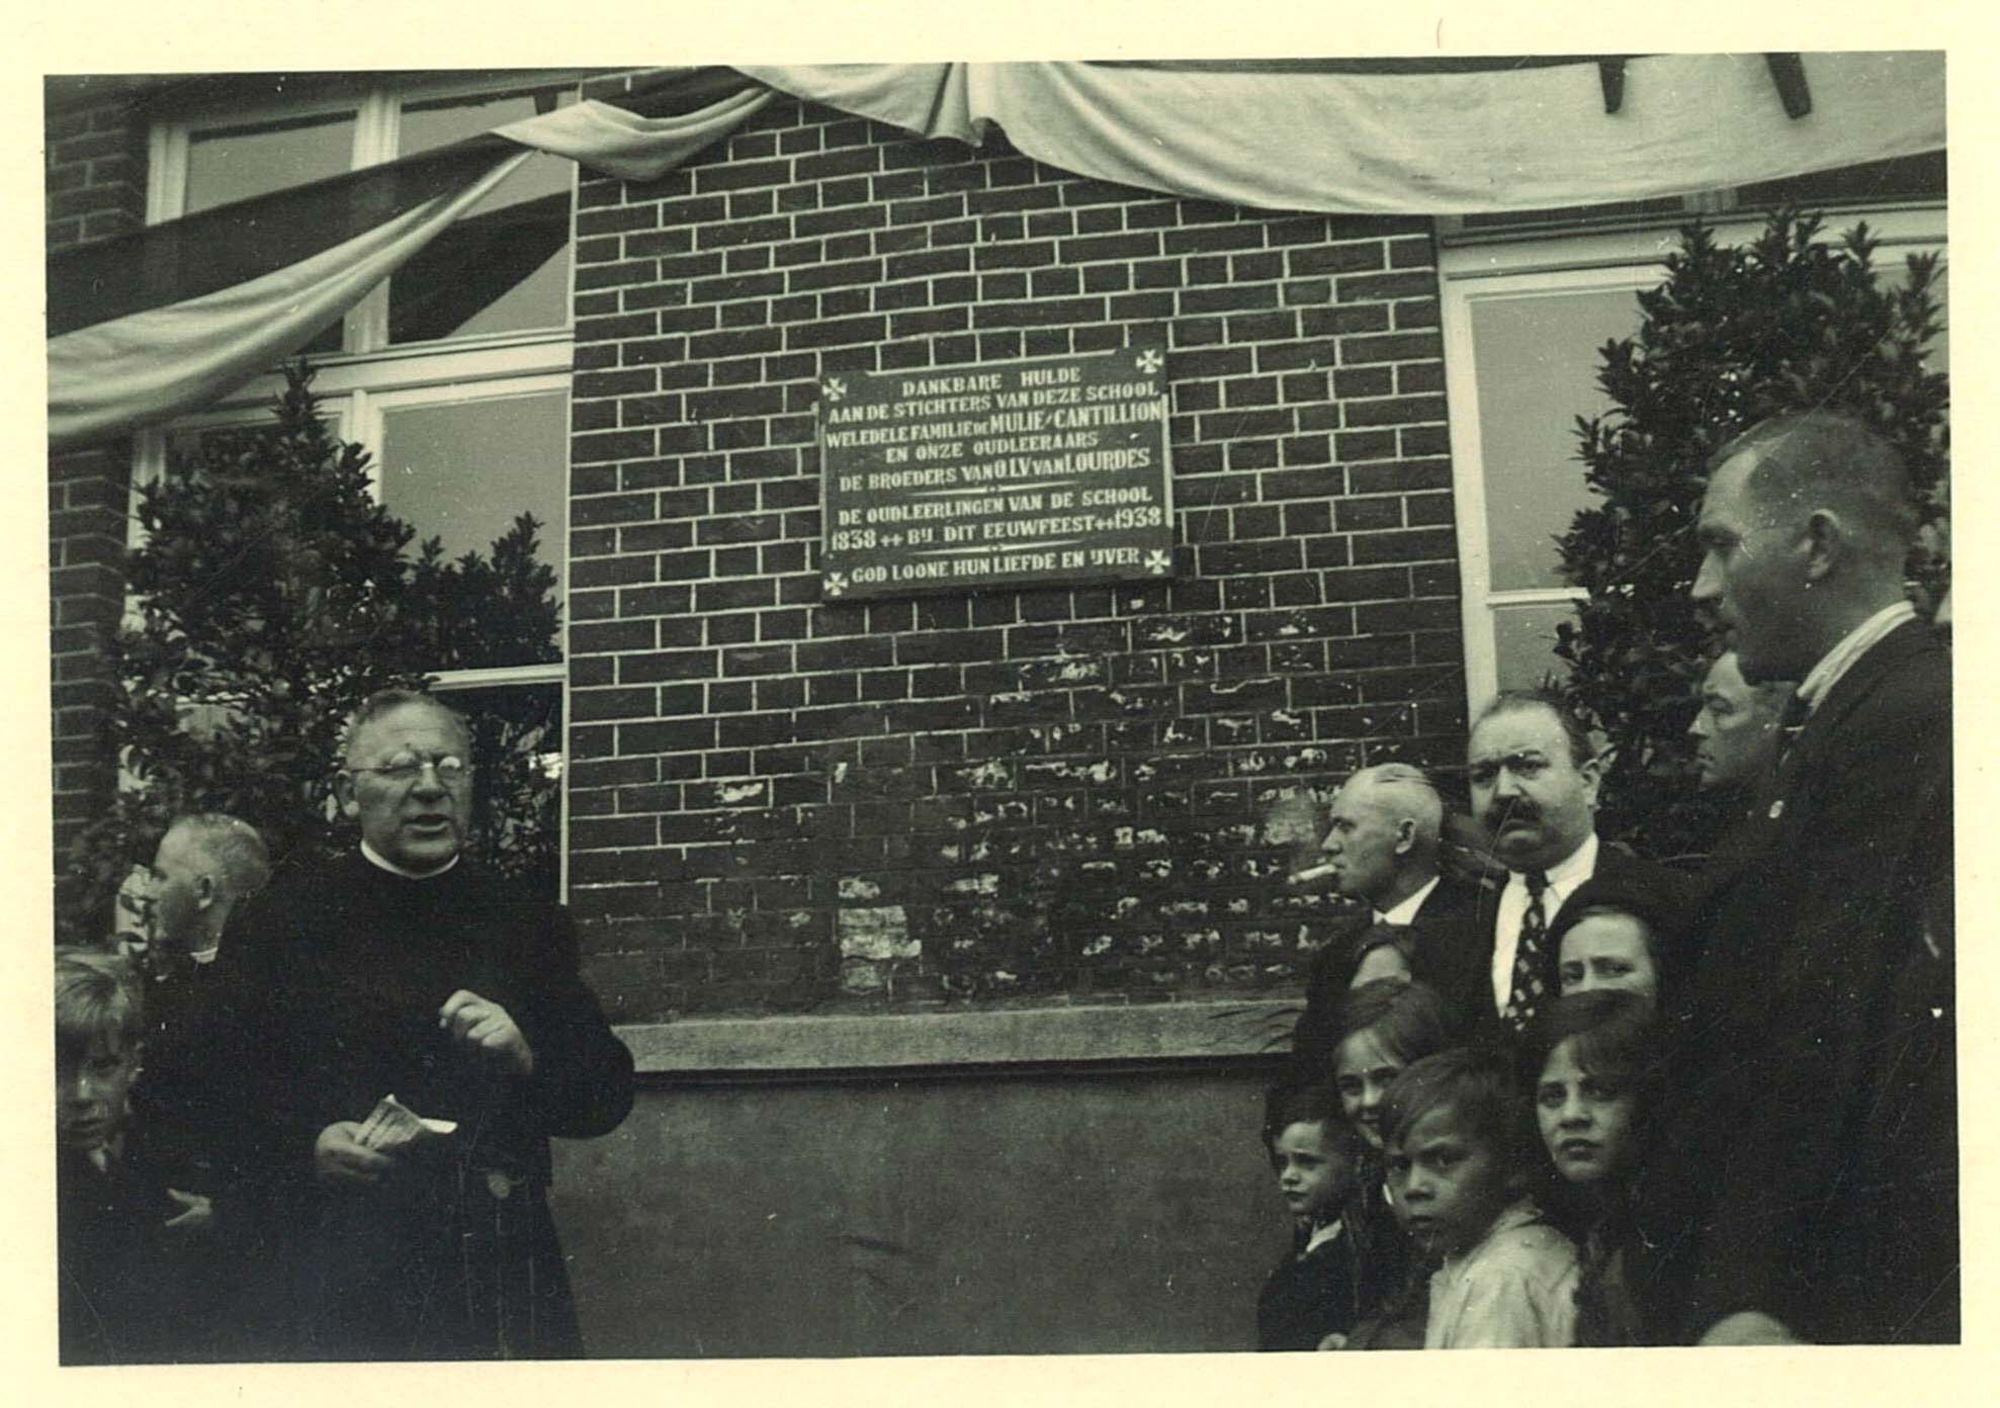 Inhuldigen gedenksteen eeuwfeest Broederschool Overleie